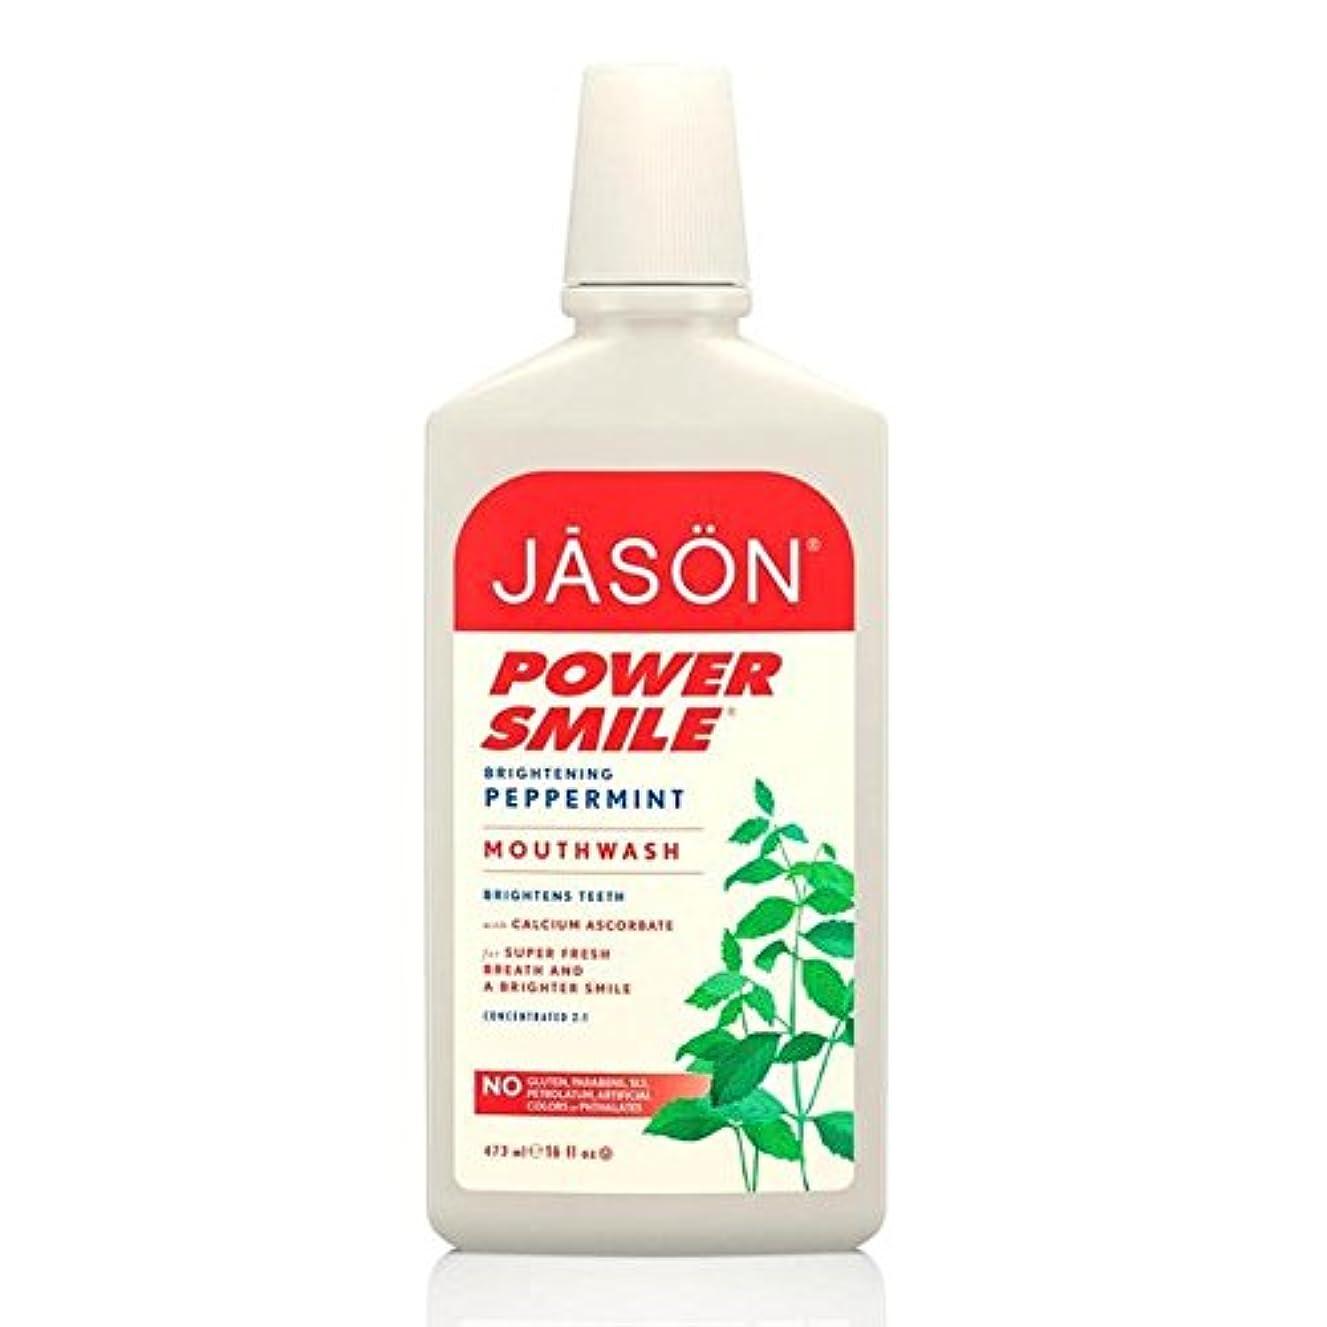 背が高いスタイル泳ぐジェイソンマウスウォッシュ480ミリリットル x4 - Jason Powersmile Mouthwash 480ml (Pack of 4) [並行輸入品]